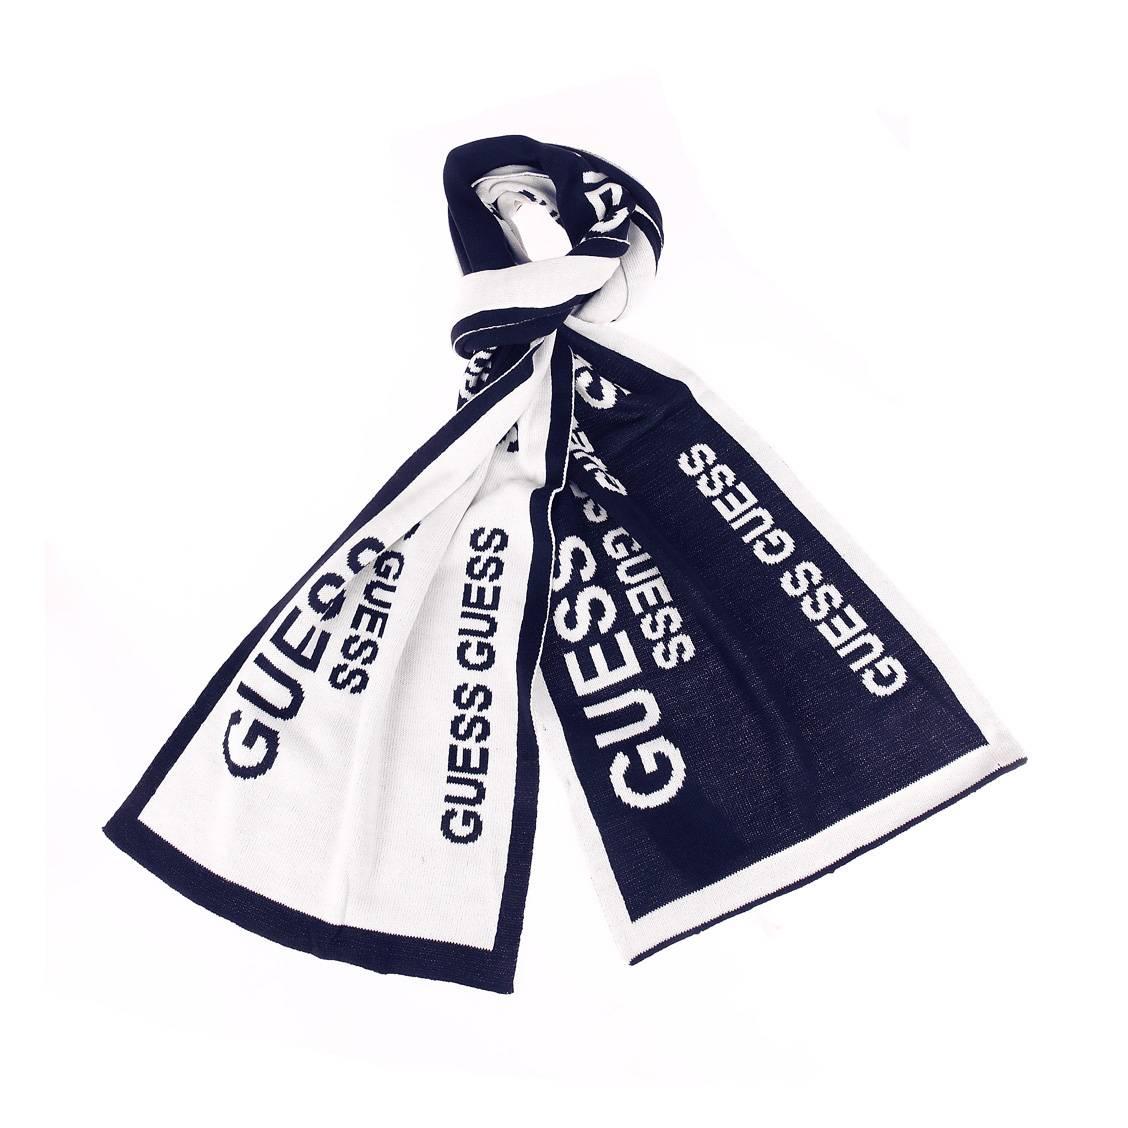 Echarpe guess bleu marine à bords blancs et monogrammée en blanc réversible